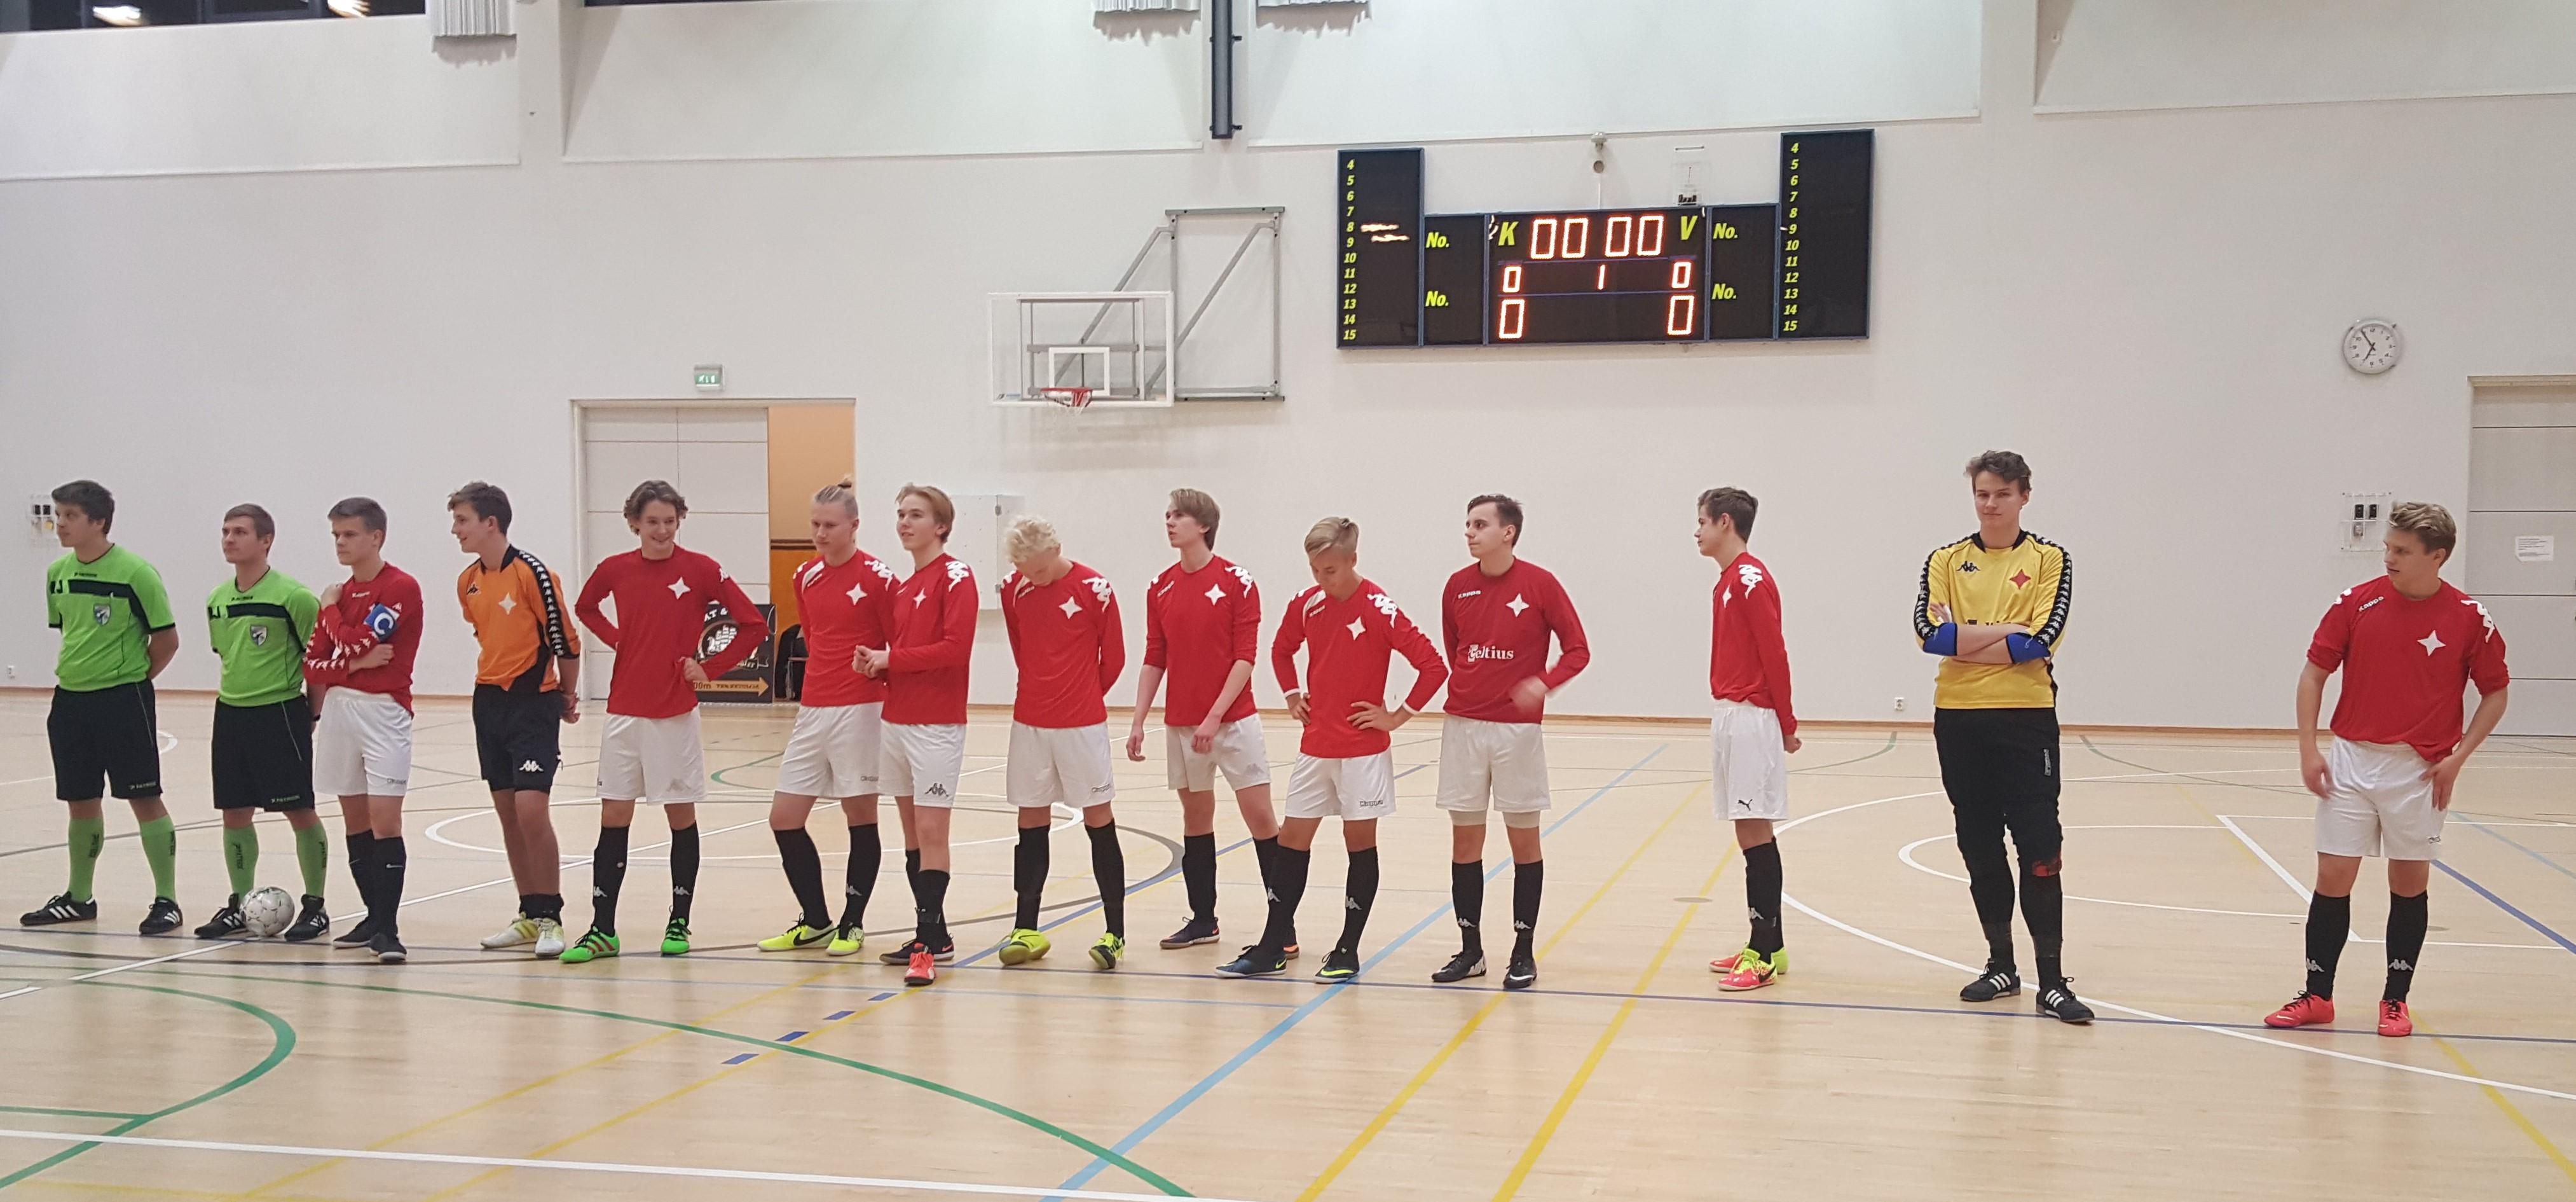 HIFK kilpailee U19-finaaleissa futsalin Suomen mestaruudesta 18.2.-19.2.